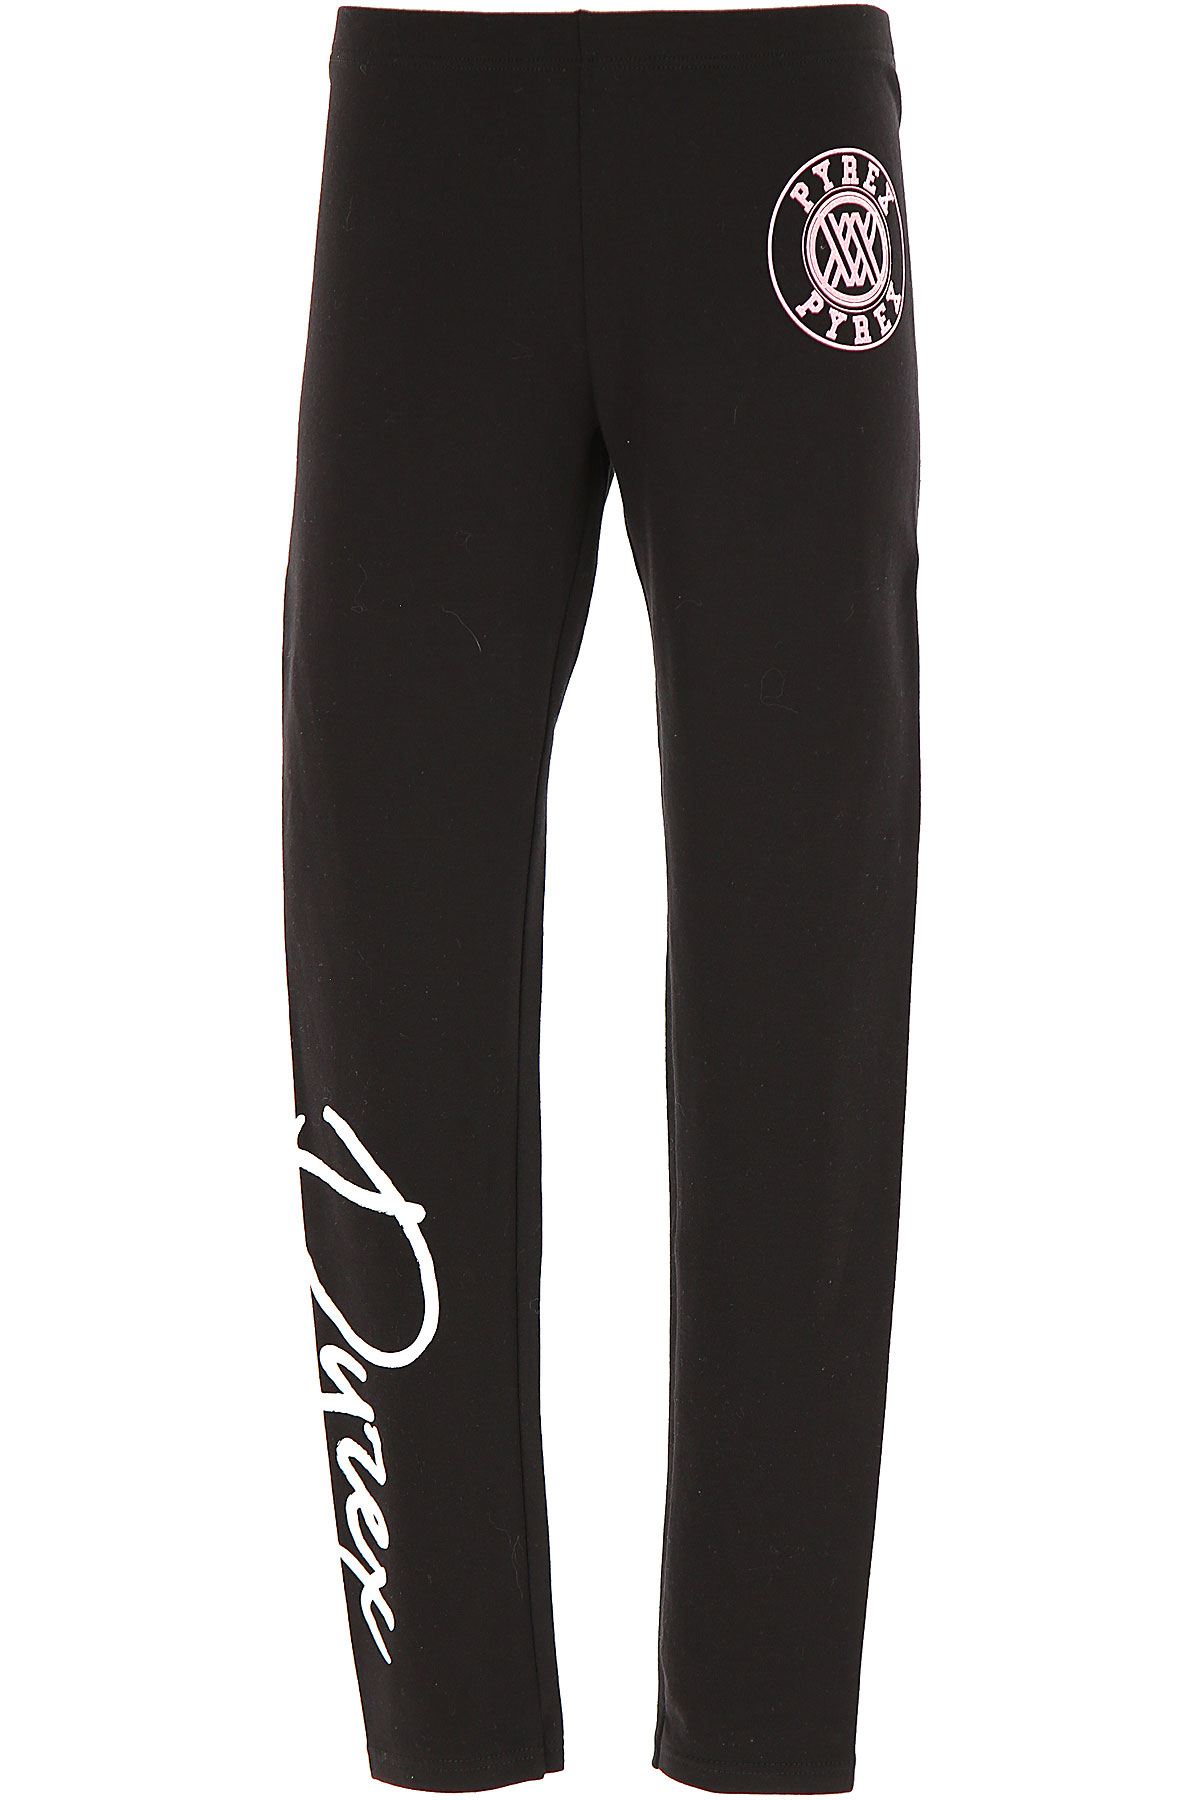 Pyrex Kids Pants for Girls On Sale, Black, Cotton, 2019, M XL XXL